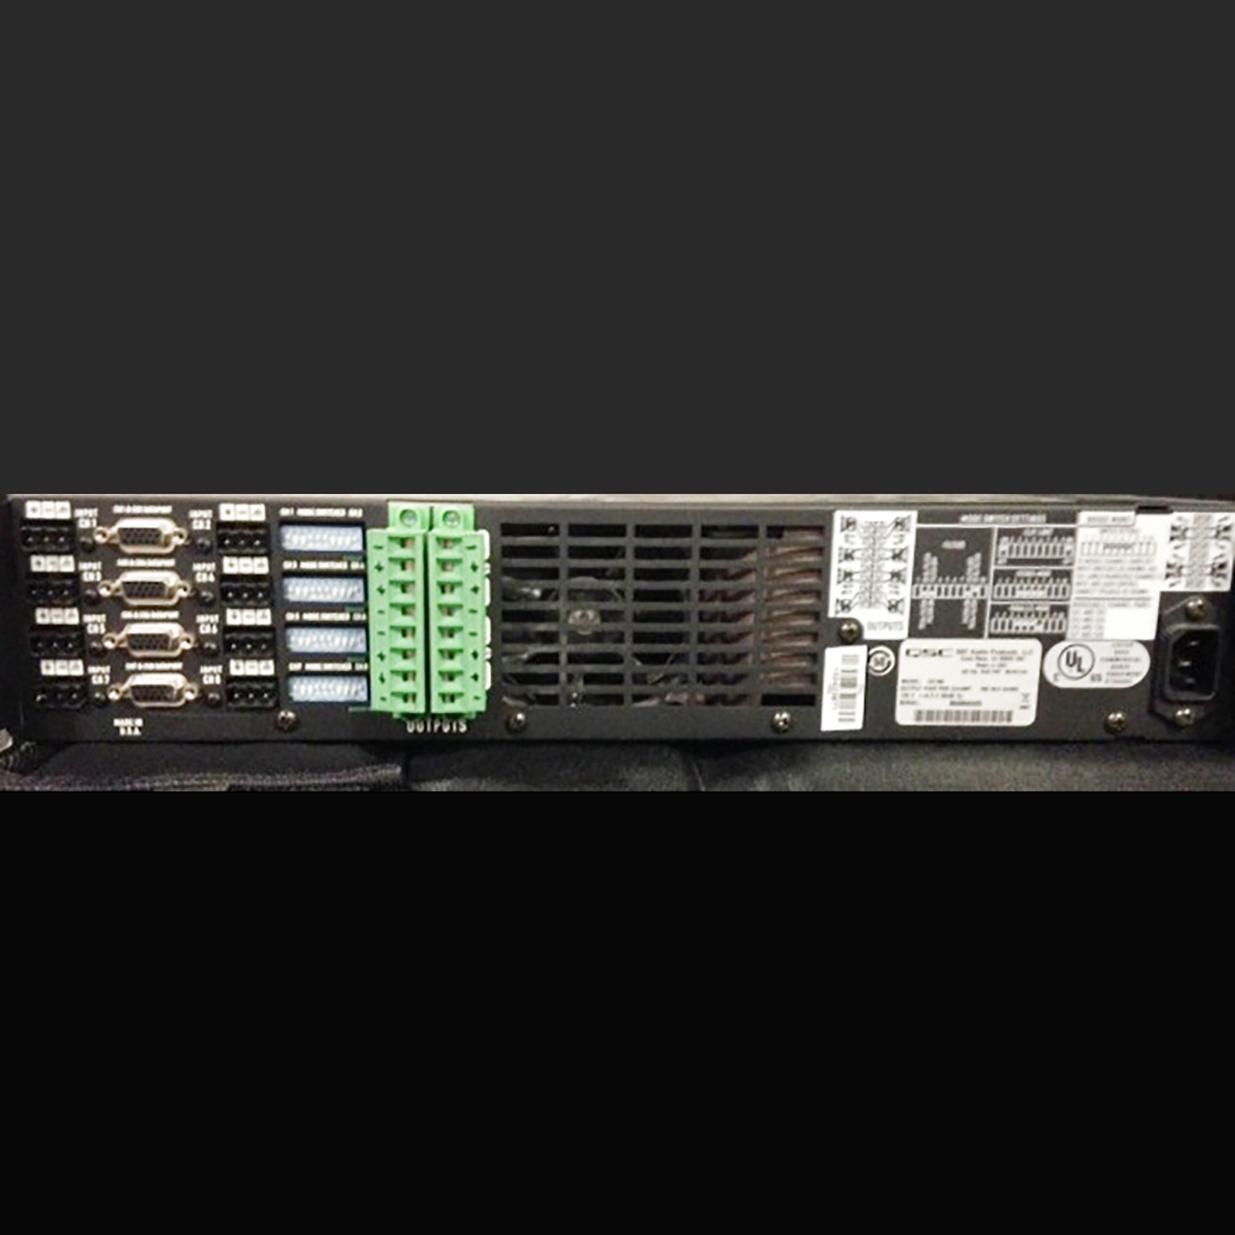 Prg Proshop Qsc Audio Cx168 Power Amplifier 8 Channel Amplifiers